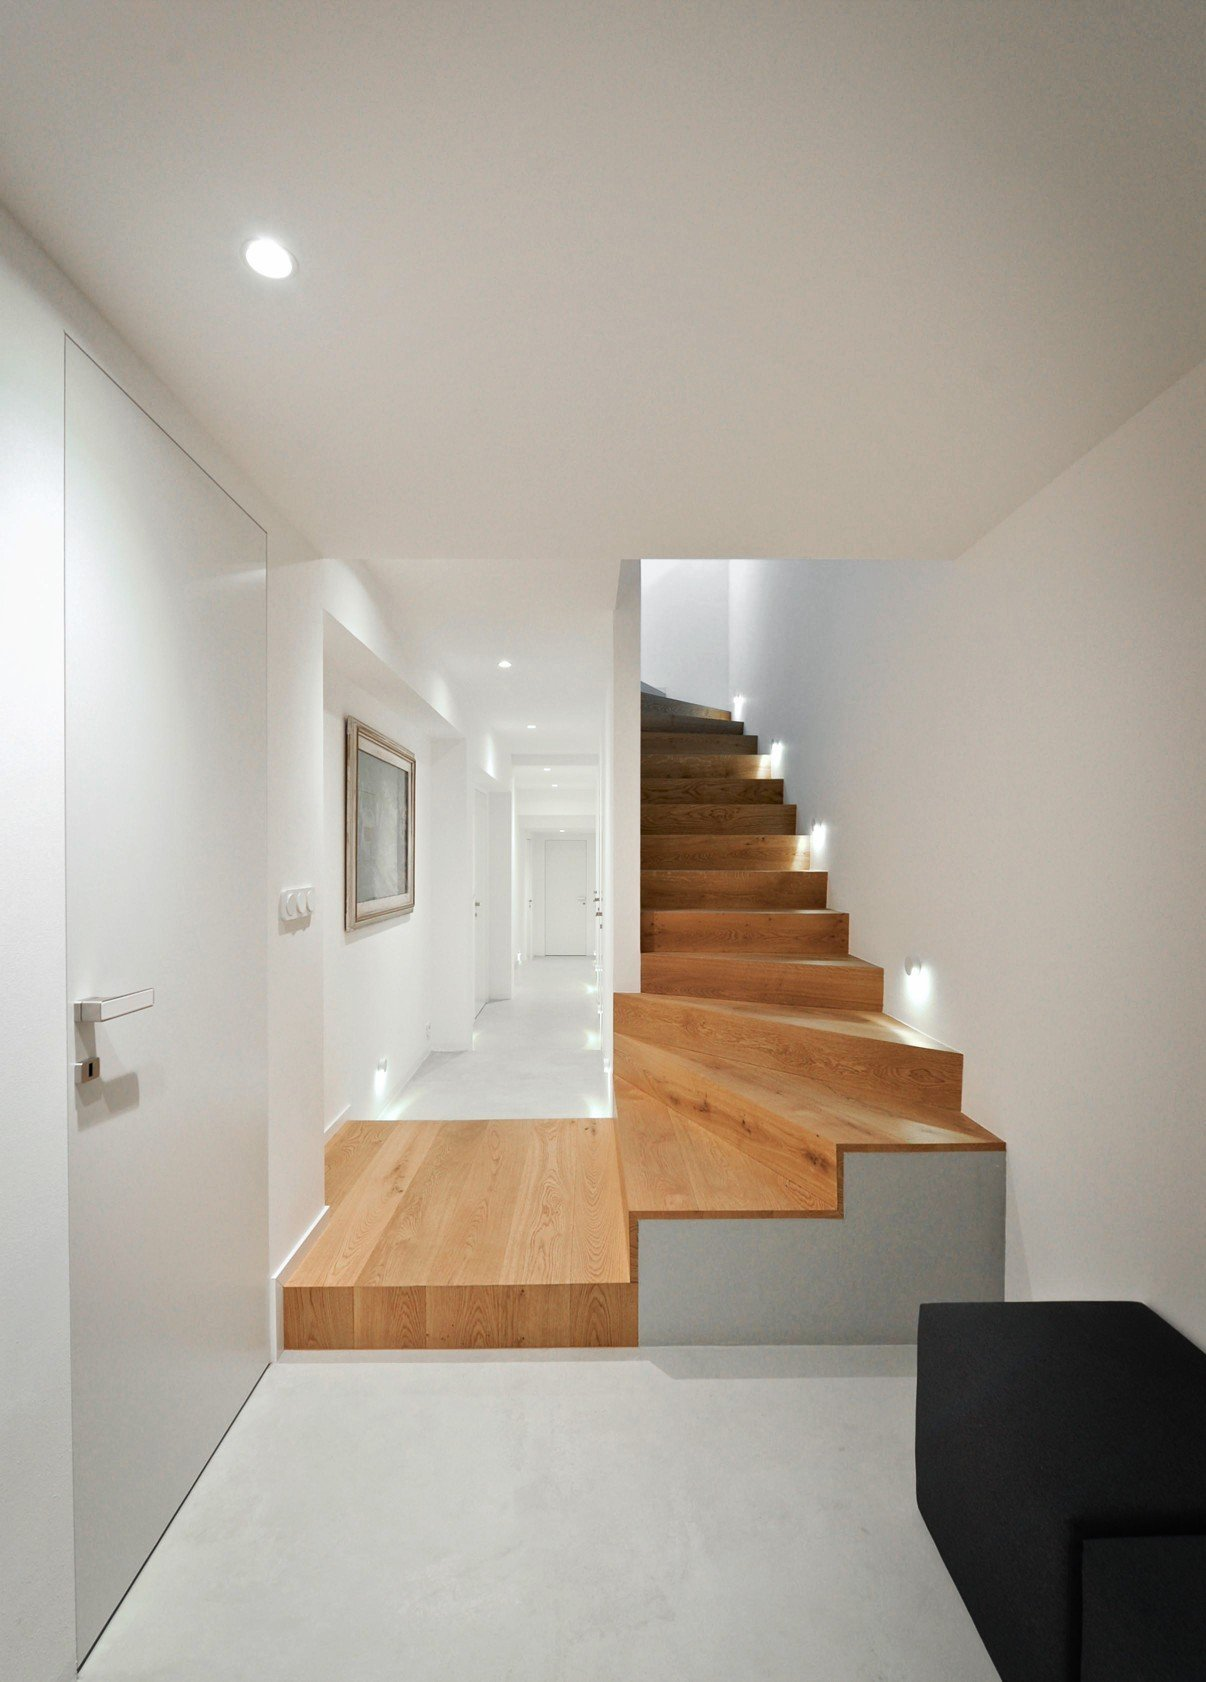 Návrh interiéru jedinečné funkcionalistické vily. Kouzlu takového domu architekt snadno podlehne, práce se tak stala výzvou.  Vila již dříve prodělala drobné…